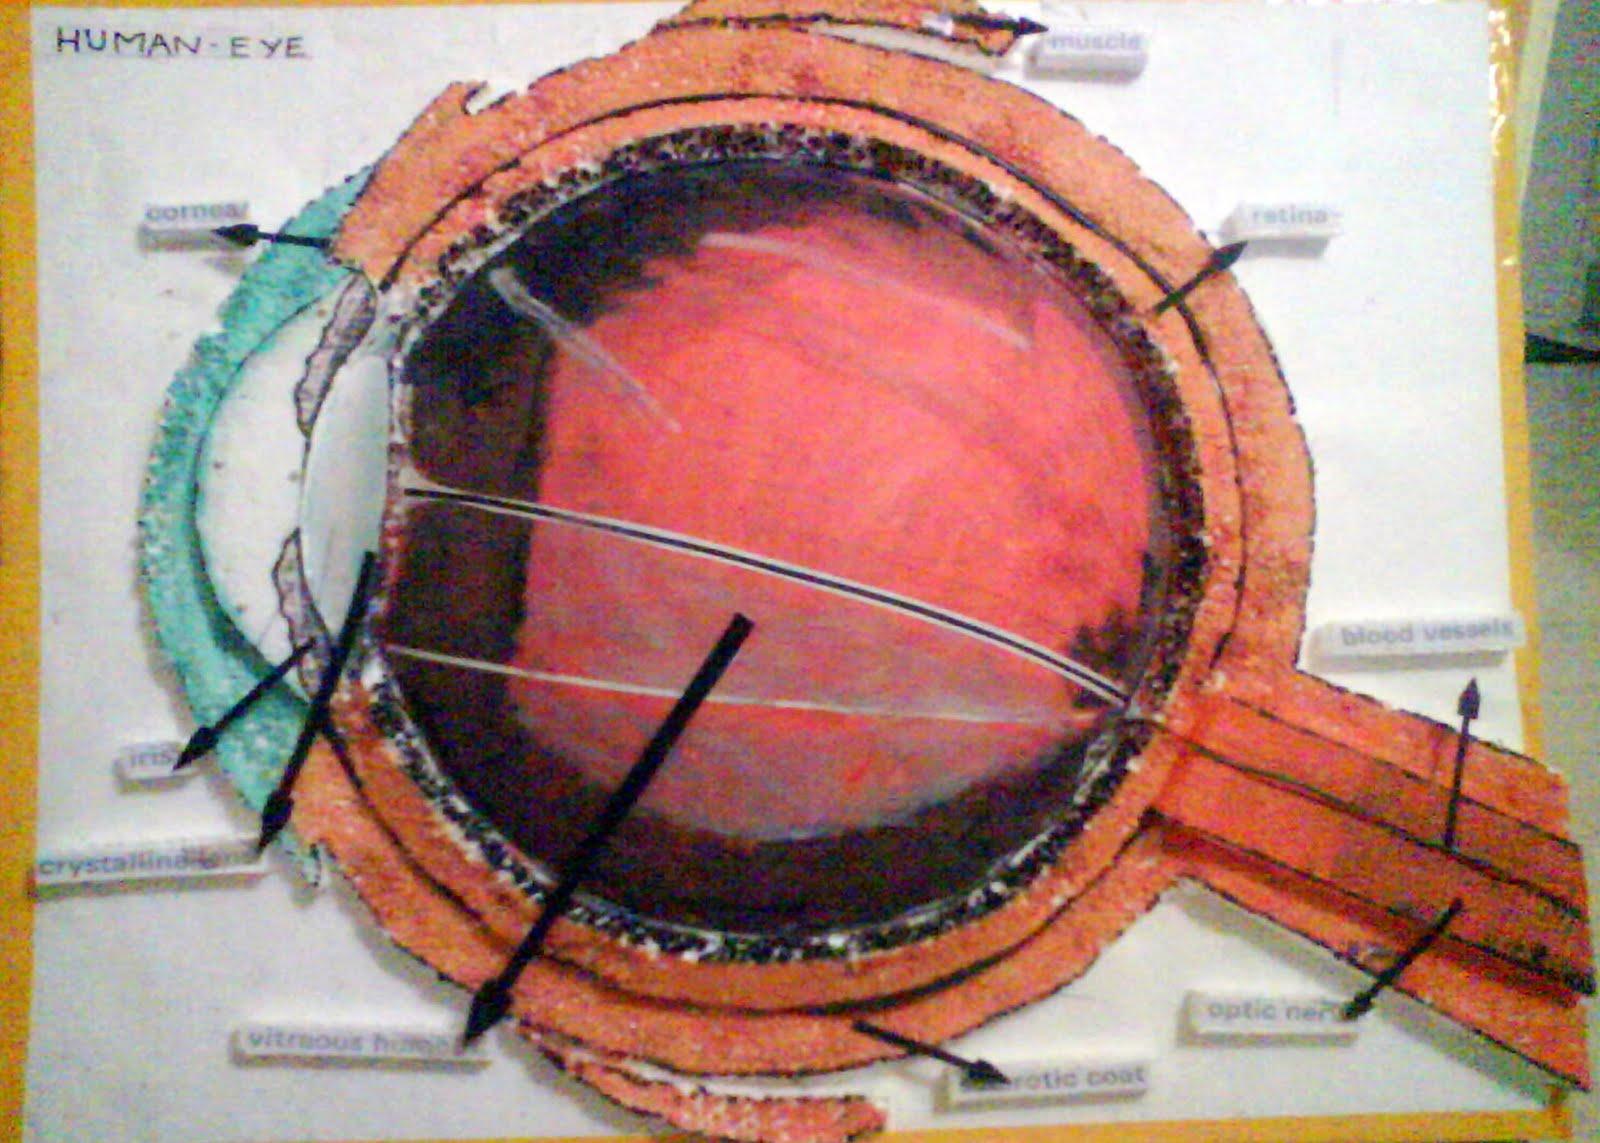 ear anatomy diagram projects jaw anatomy diagram